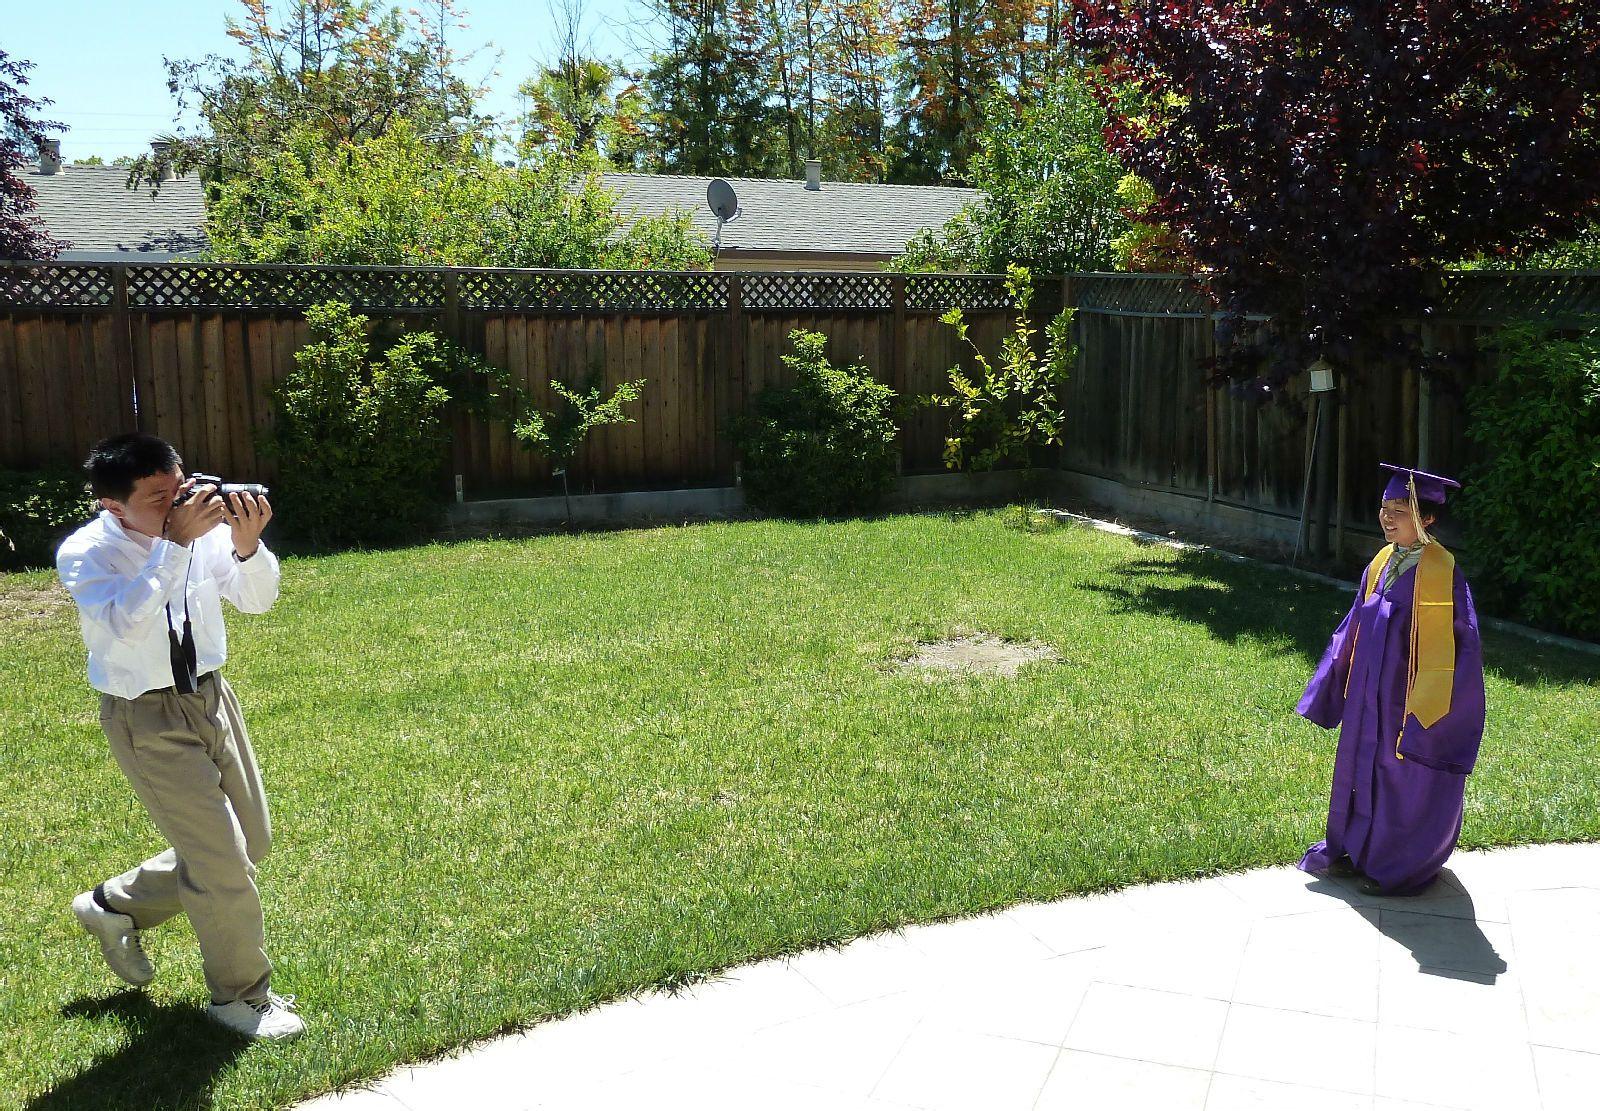 扎扎也换上紫袍试镜头先得瑟得瑟